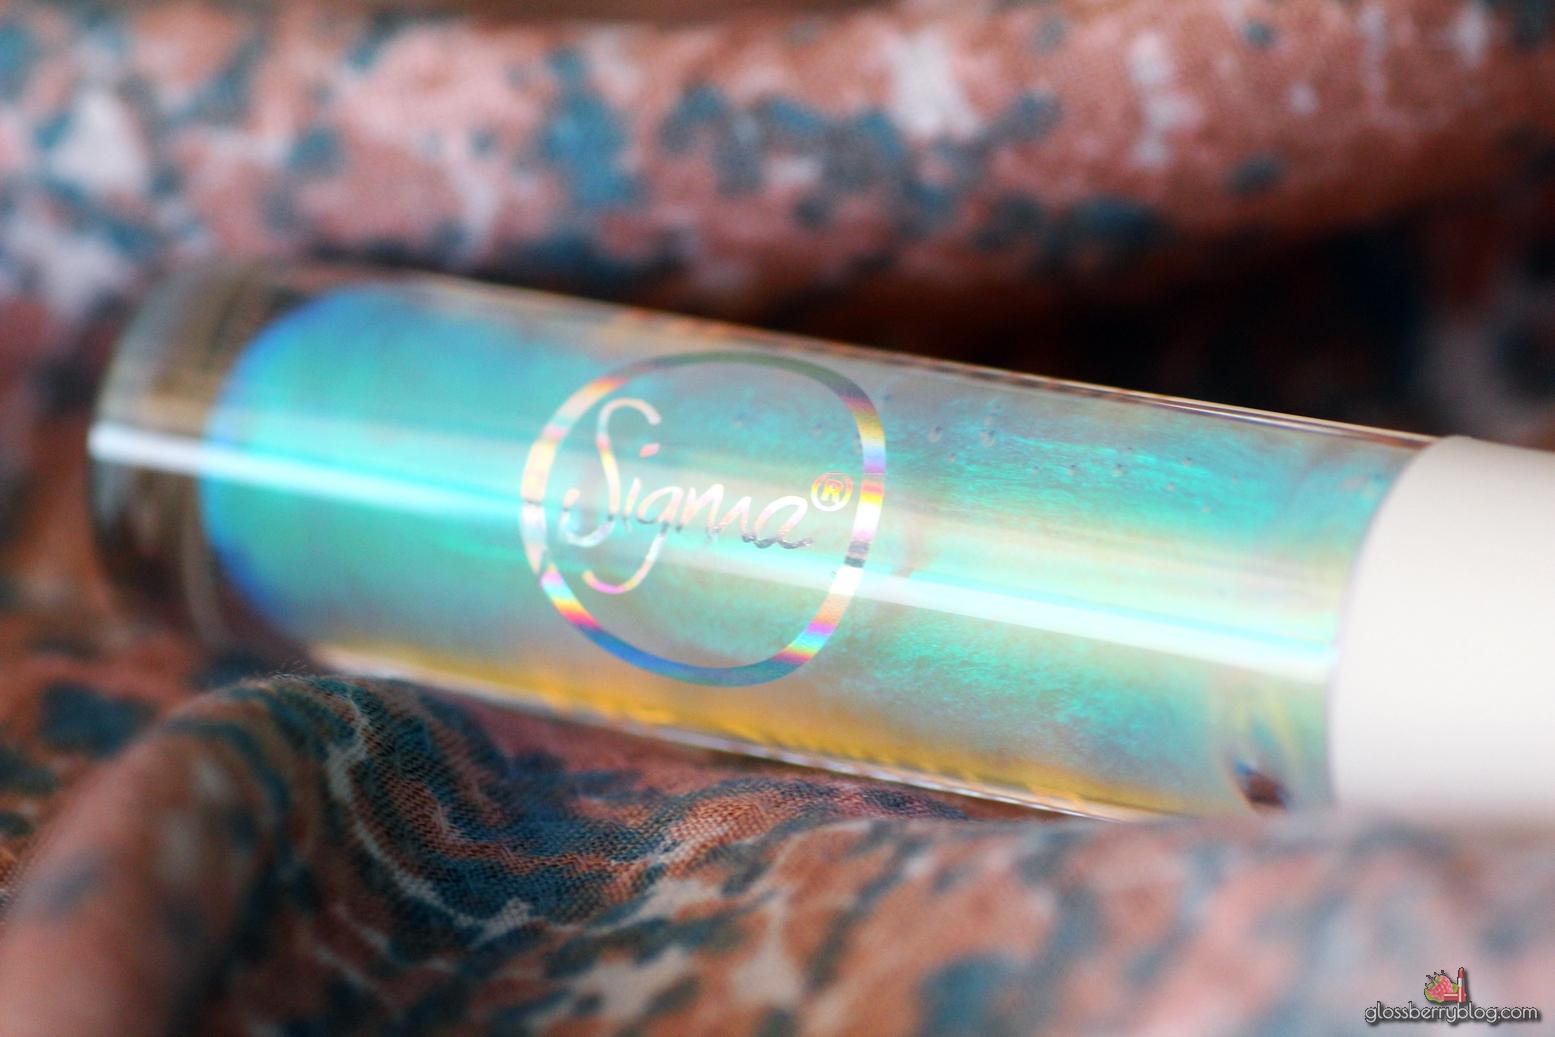 גלוס הולוגרפי סיגמא סימגא כחול ירוק סגול מחליף צבעים סקירה המלצה holographic gloss other wordly sigma lip switch review swatches